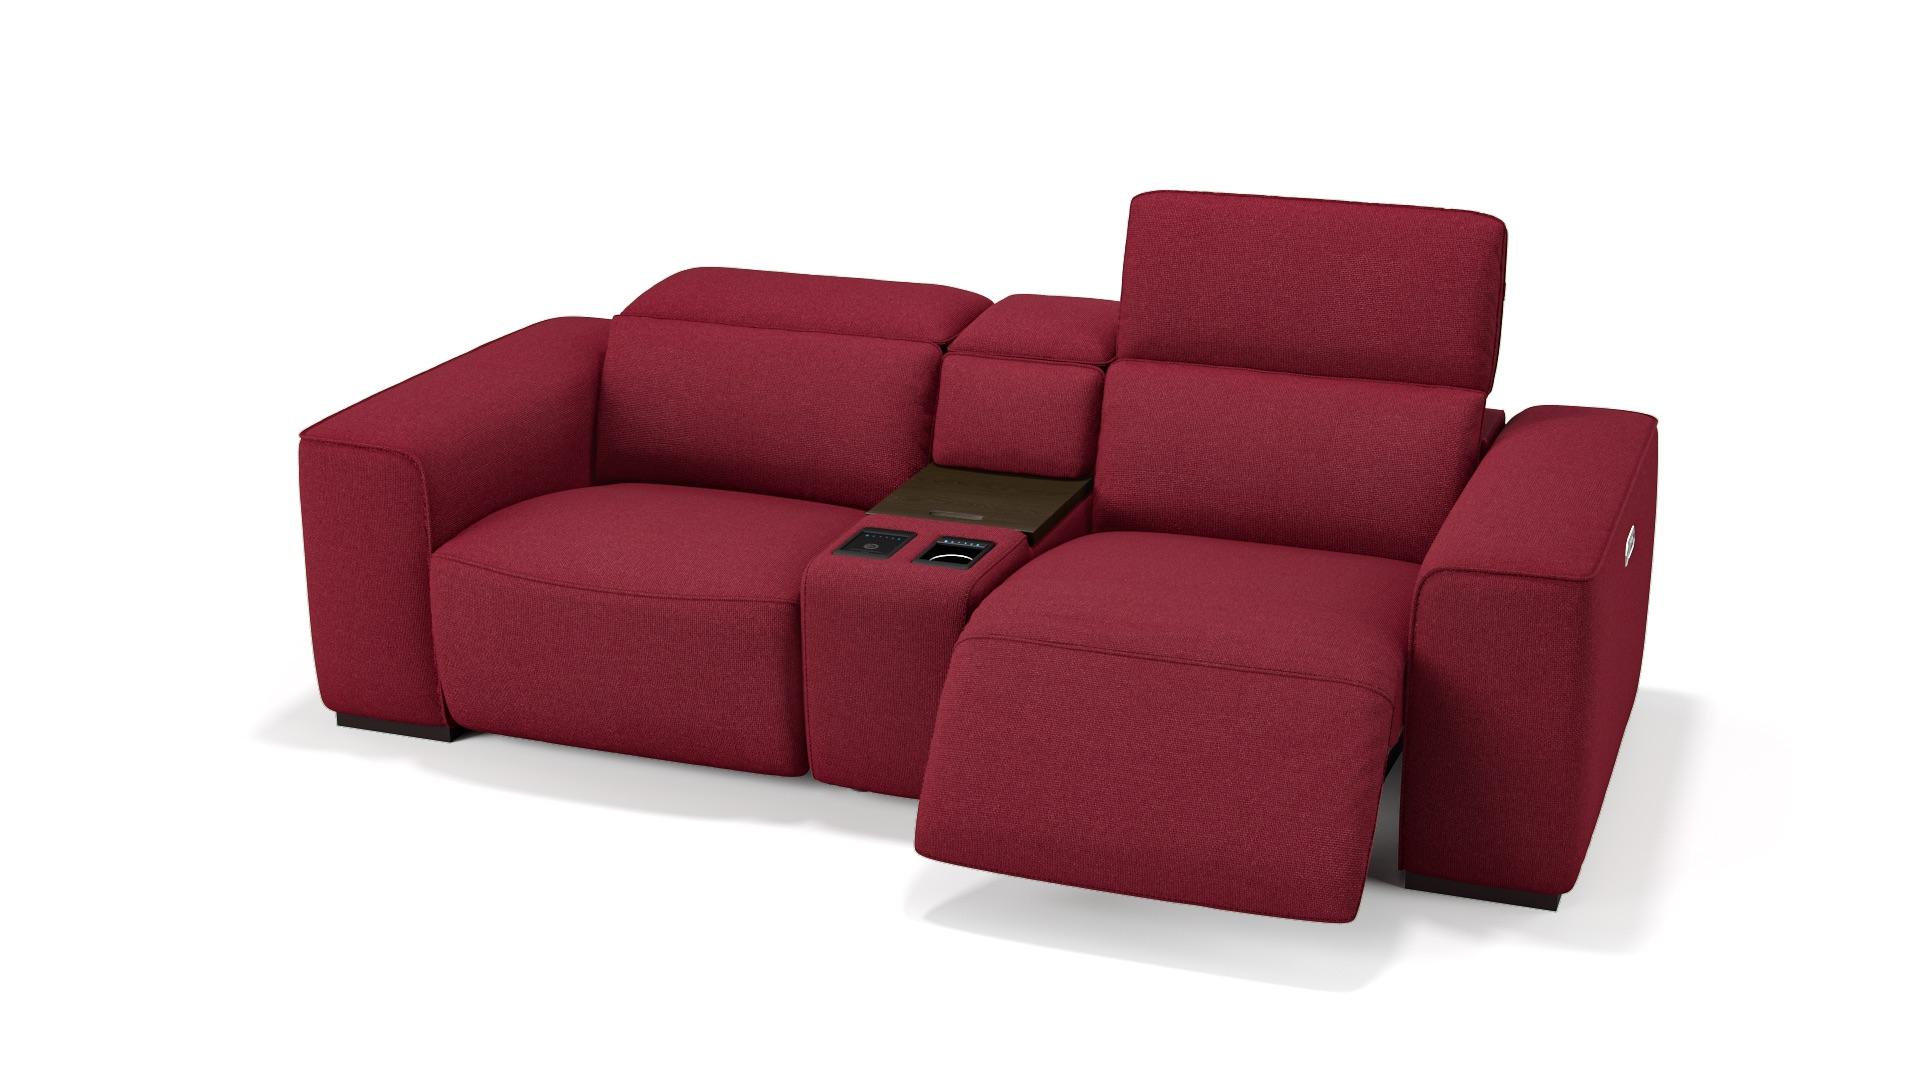 Stoff 2-Sitzer Kinosofa mit einer Mittelkonsole BINETTO